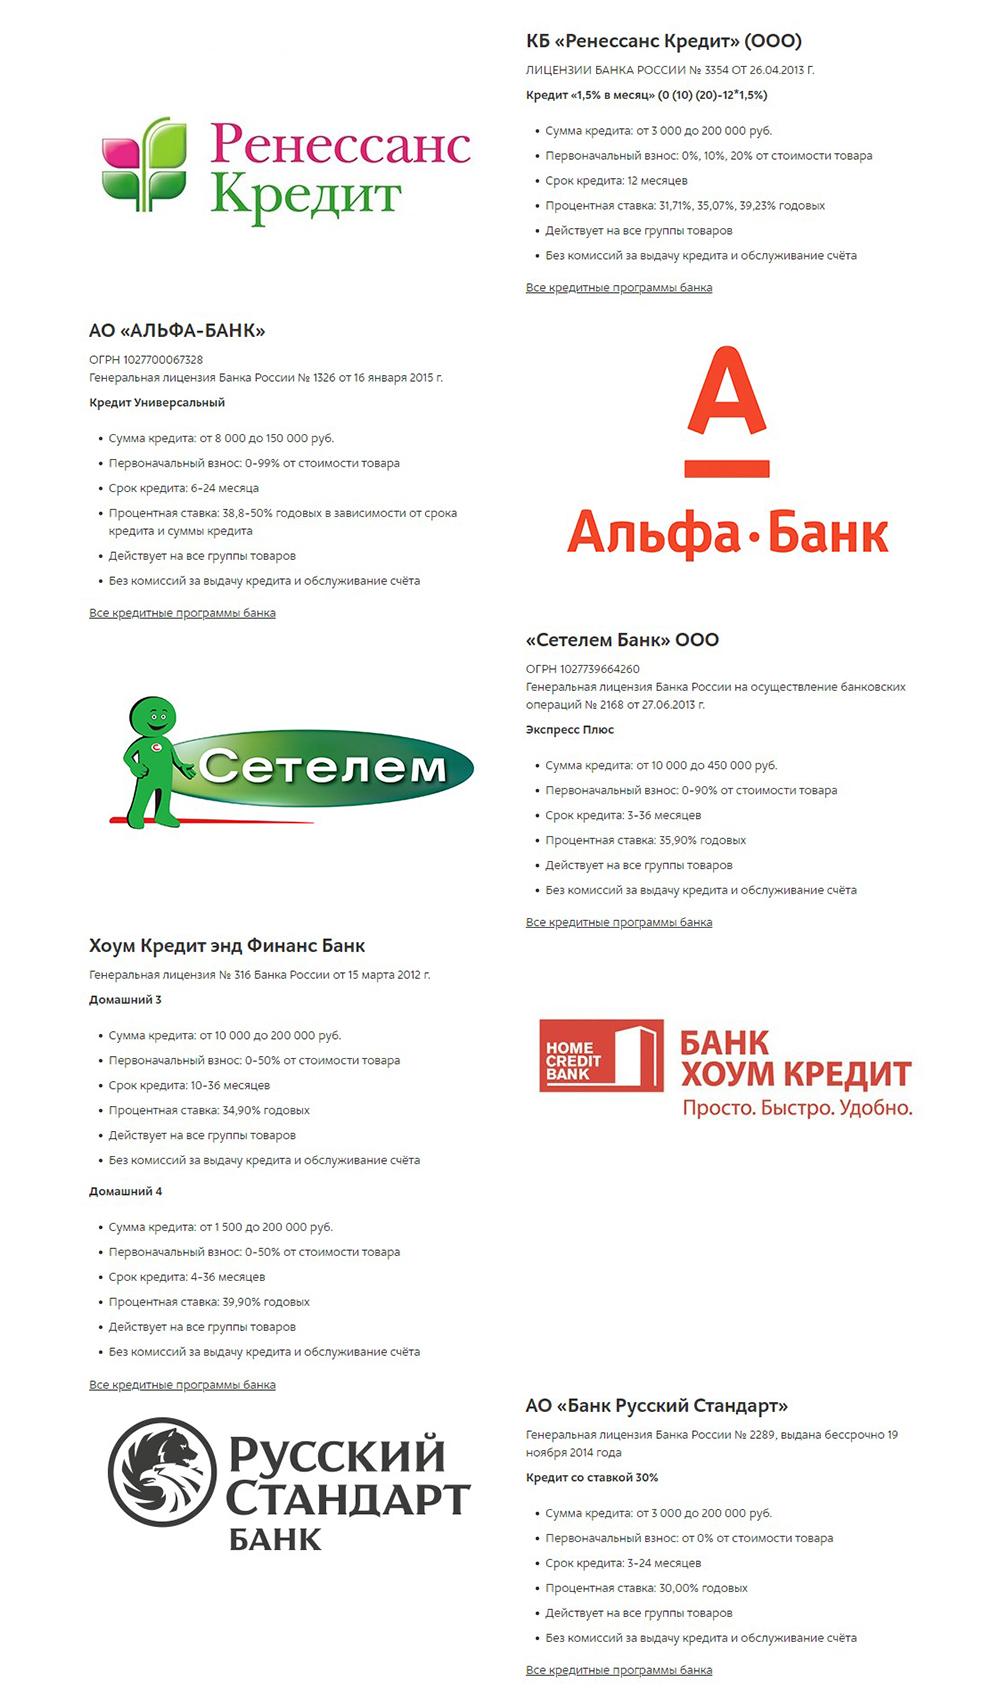 какие банки дают кредиты с 18 лет